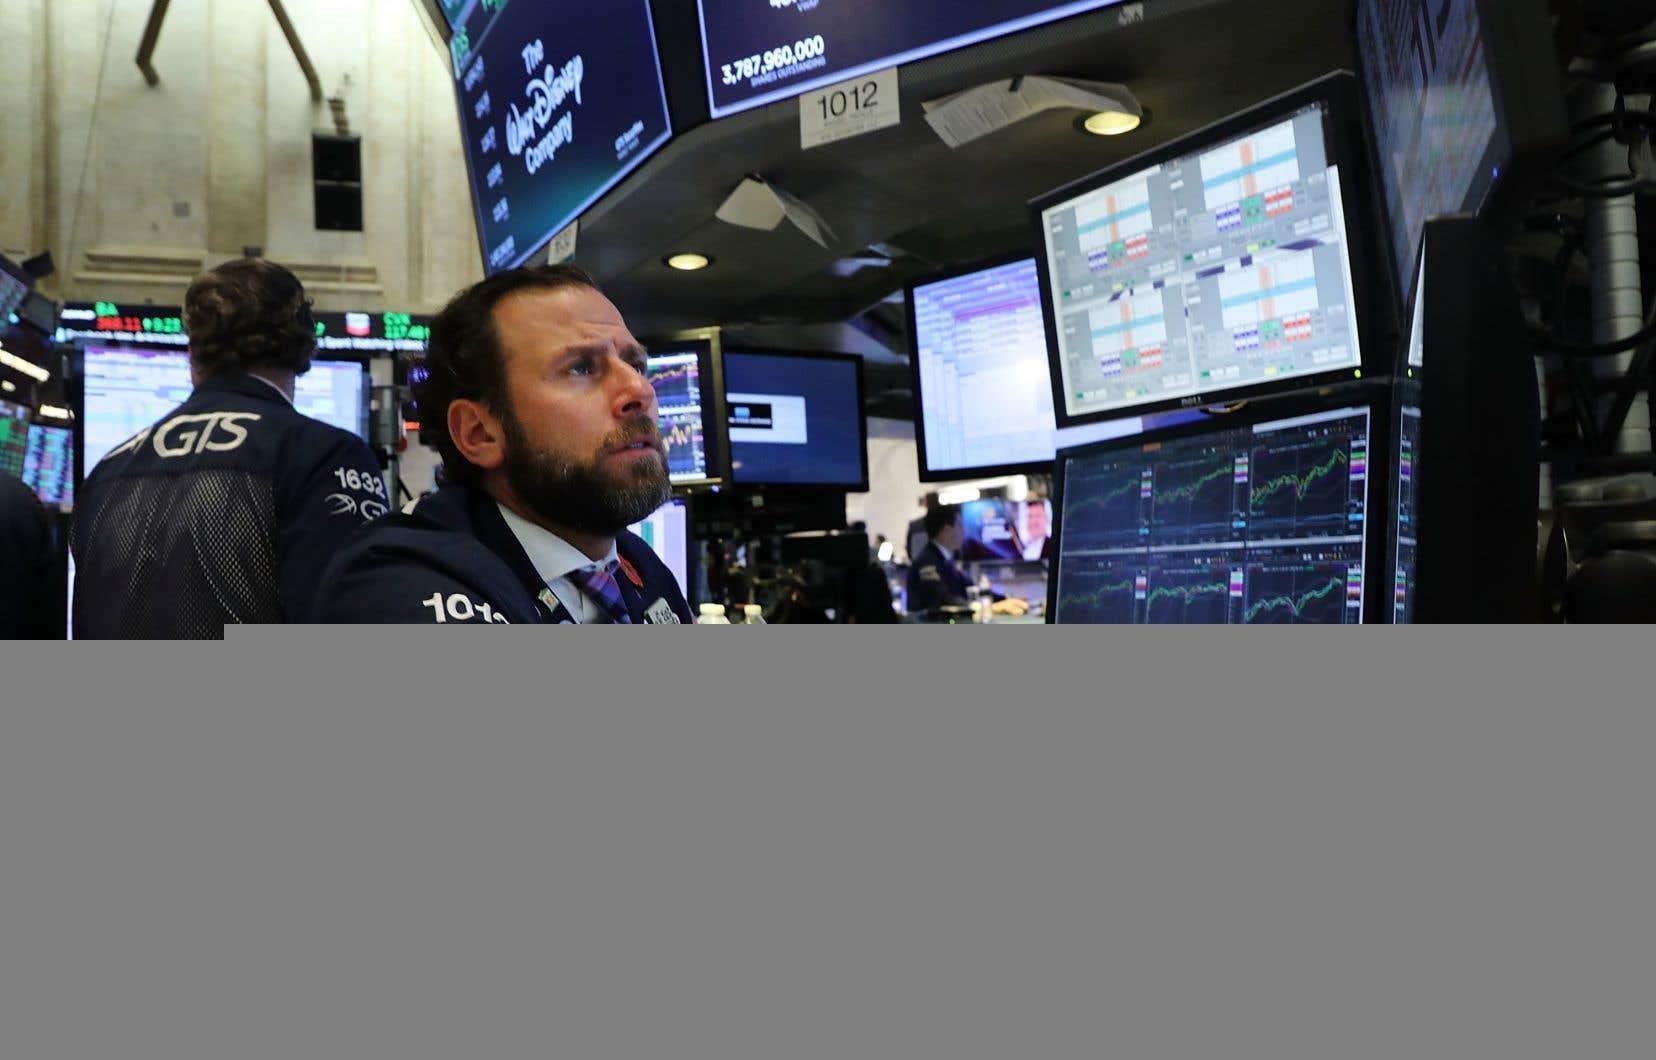 Selon des résultats provisoires à la clôture, l'indice vedette de Wall Street, le Dow Jones Industrial Average, a perdu 3,08%, à 25.031,41 points.